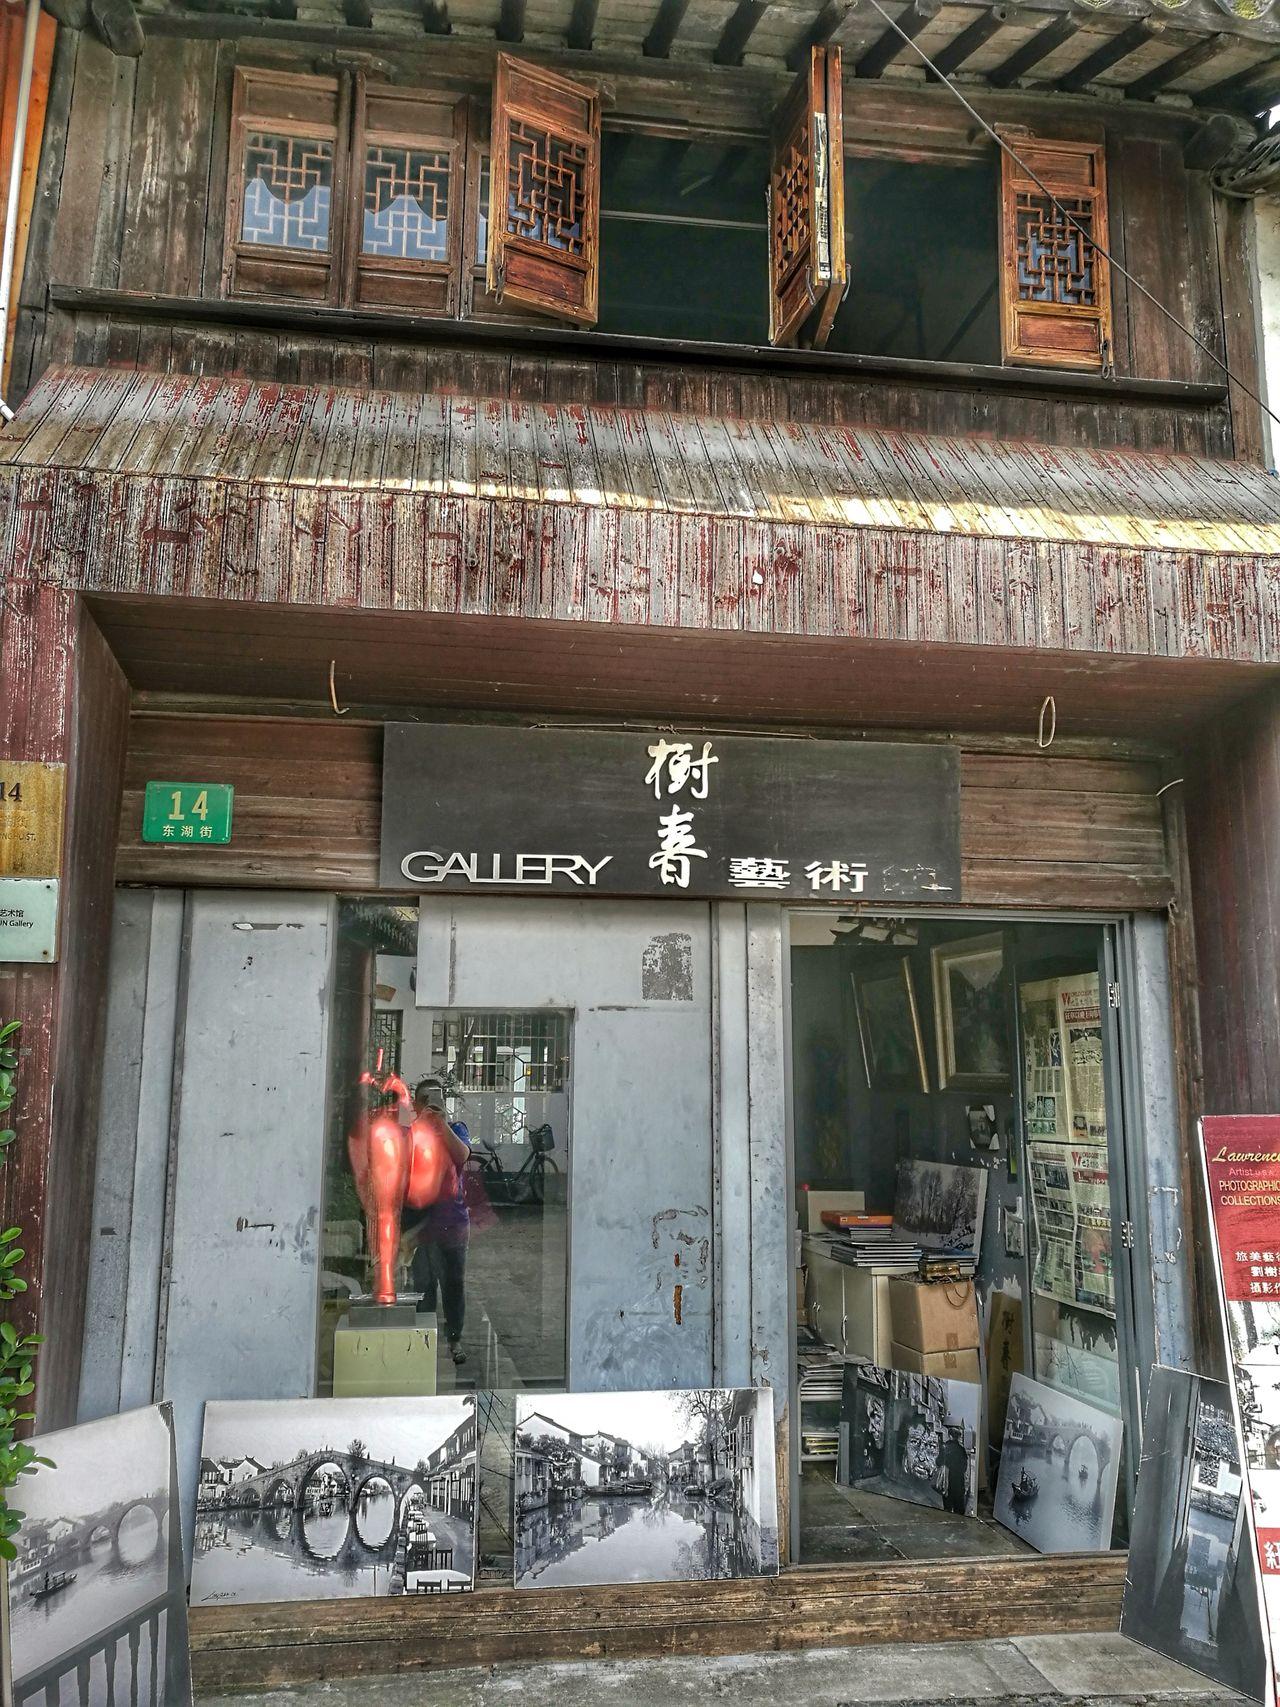 Random gallery at zhujiajiao, Shanghai. Shanghai, China Zhujiajiao Real People Huaweiphotography Shanghai Photography Drawing - Art Product Shanghaiphotography Travel Destinations Travel HuaweiP9 Travelgram Travel Photography